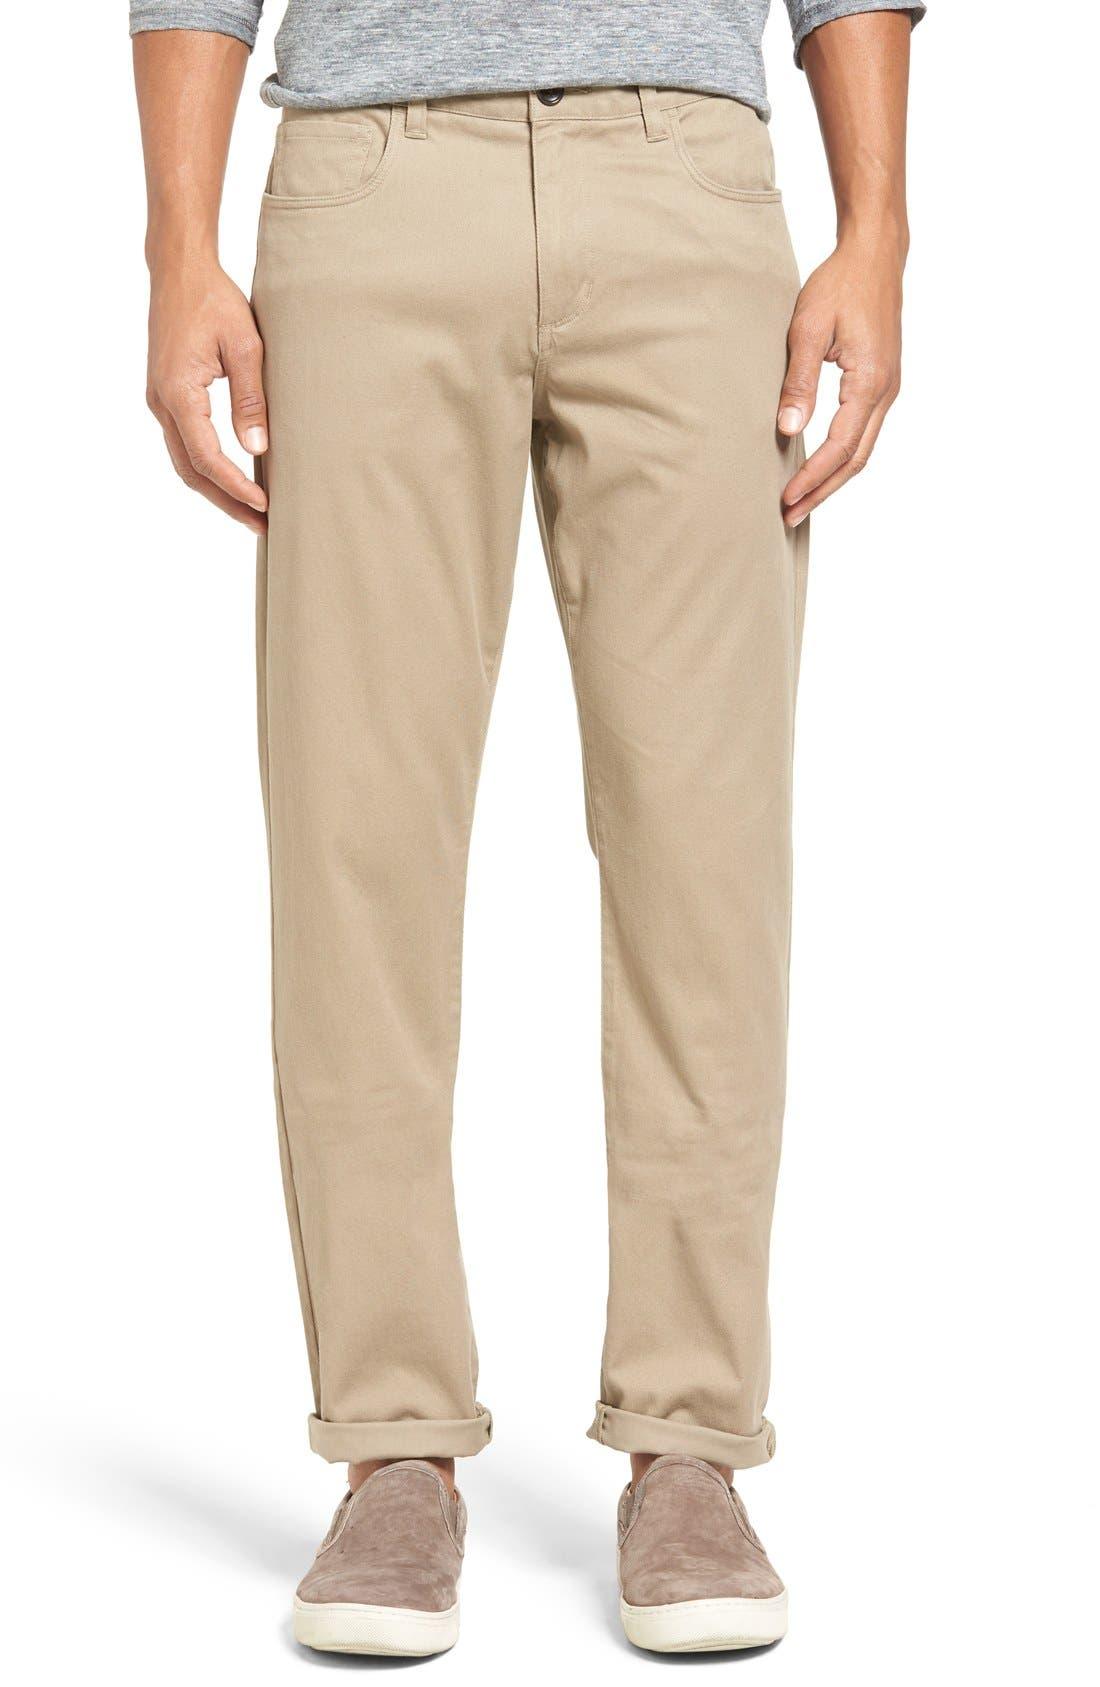 Soho Slim Fit Five-Pocket Pants,                             Main thumbnail 1, color,                             Khaki